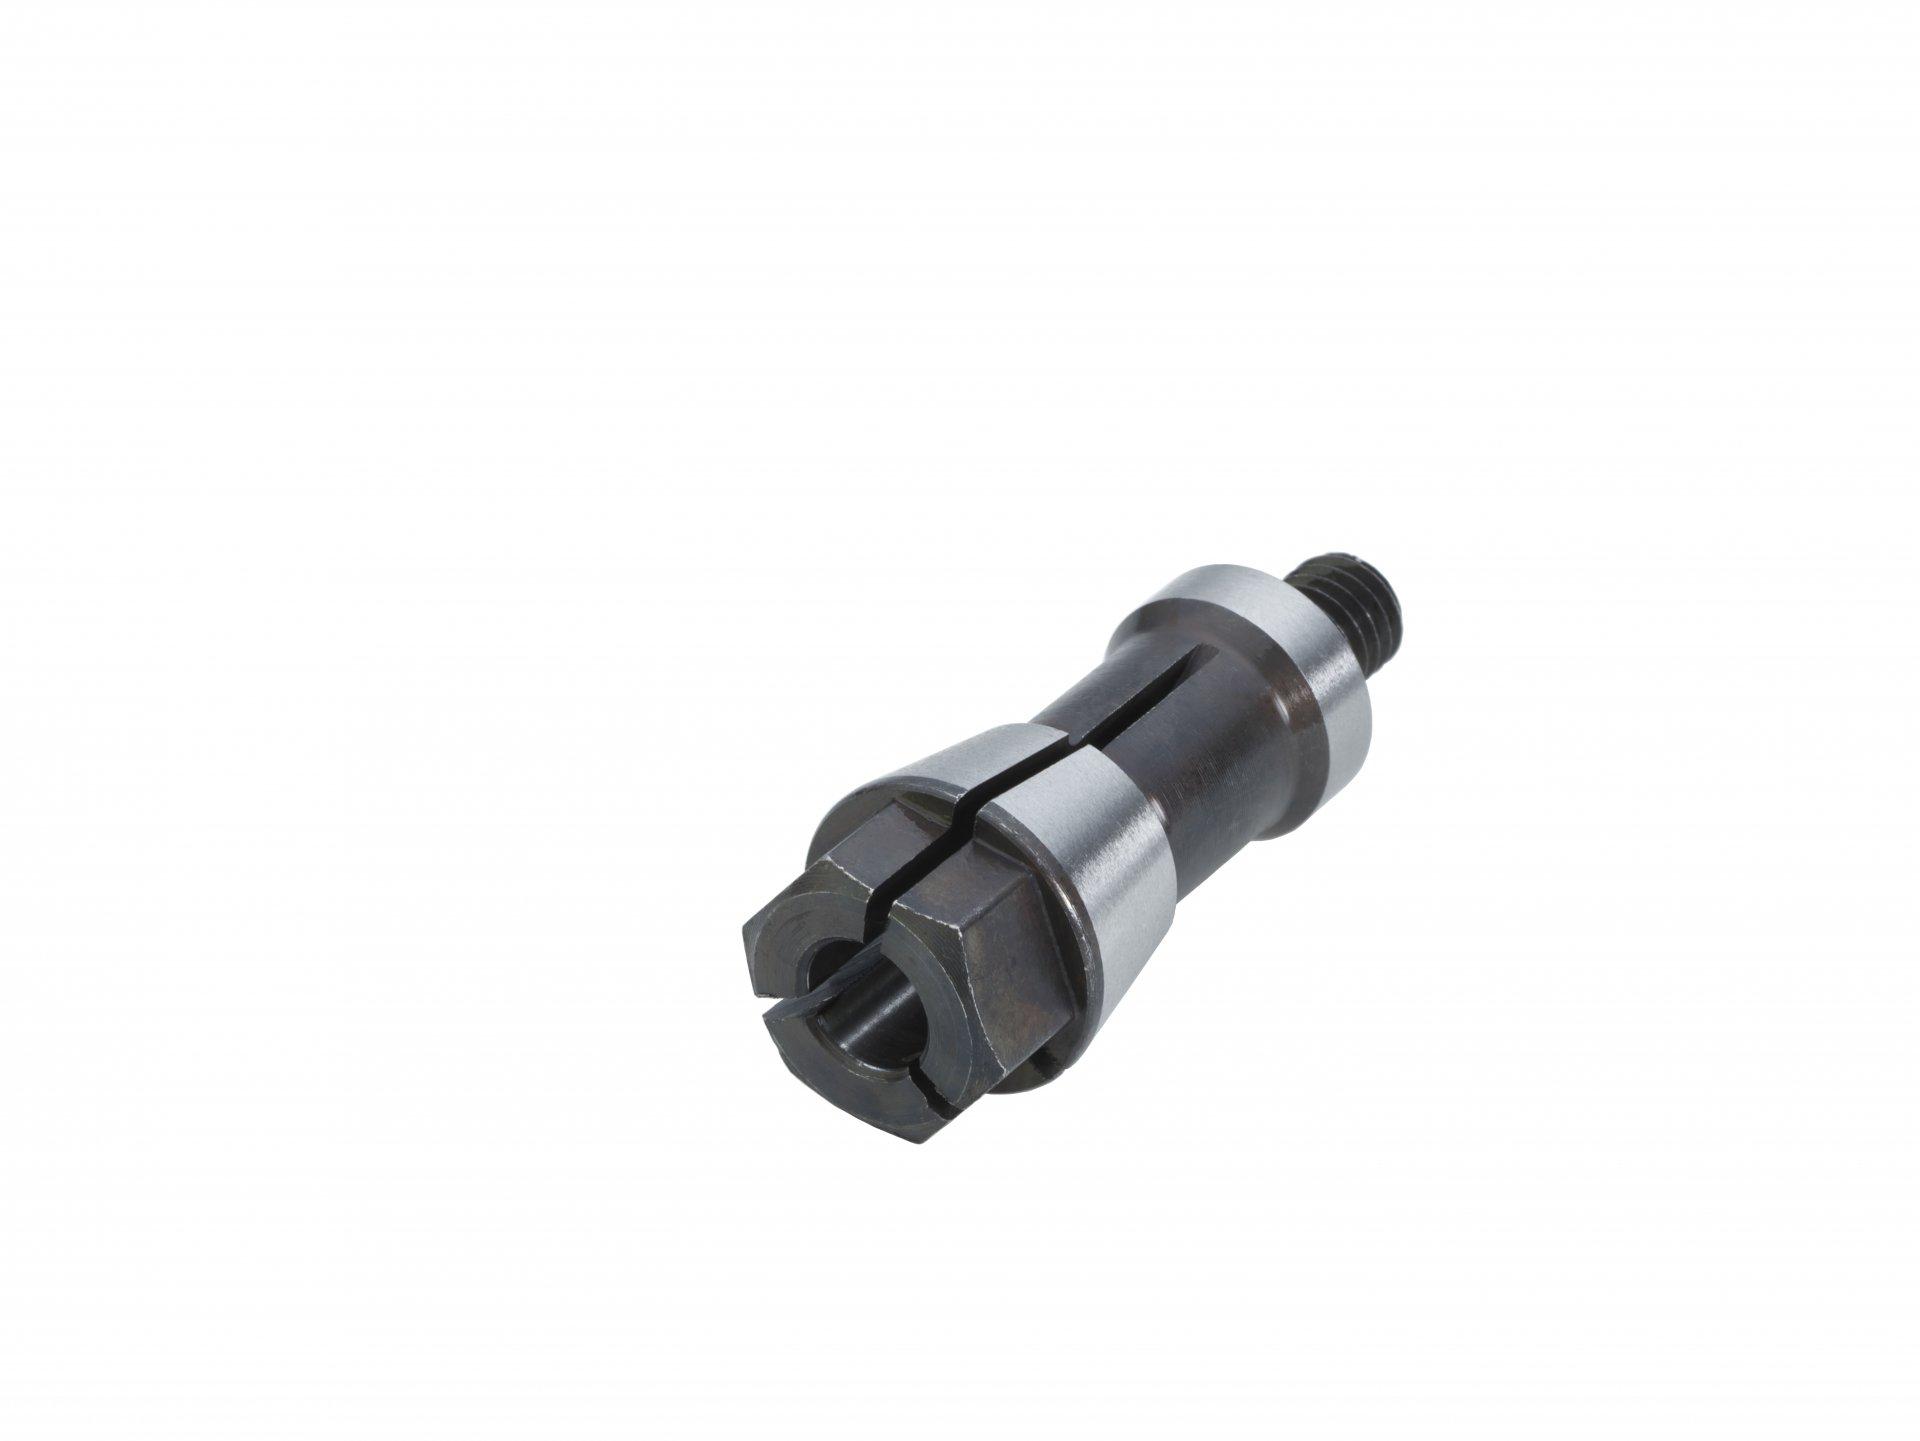 Spannzange 6369 - verschiedene Durchmesser